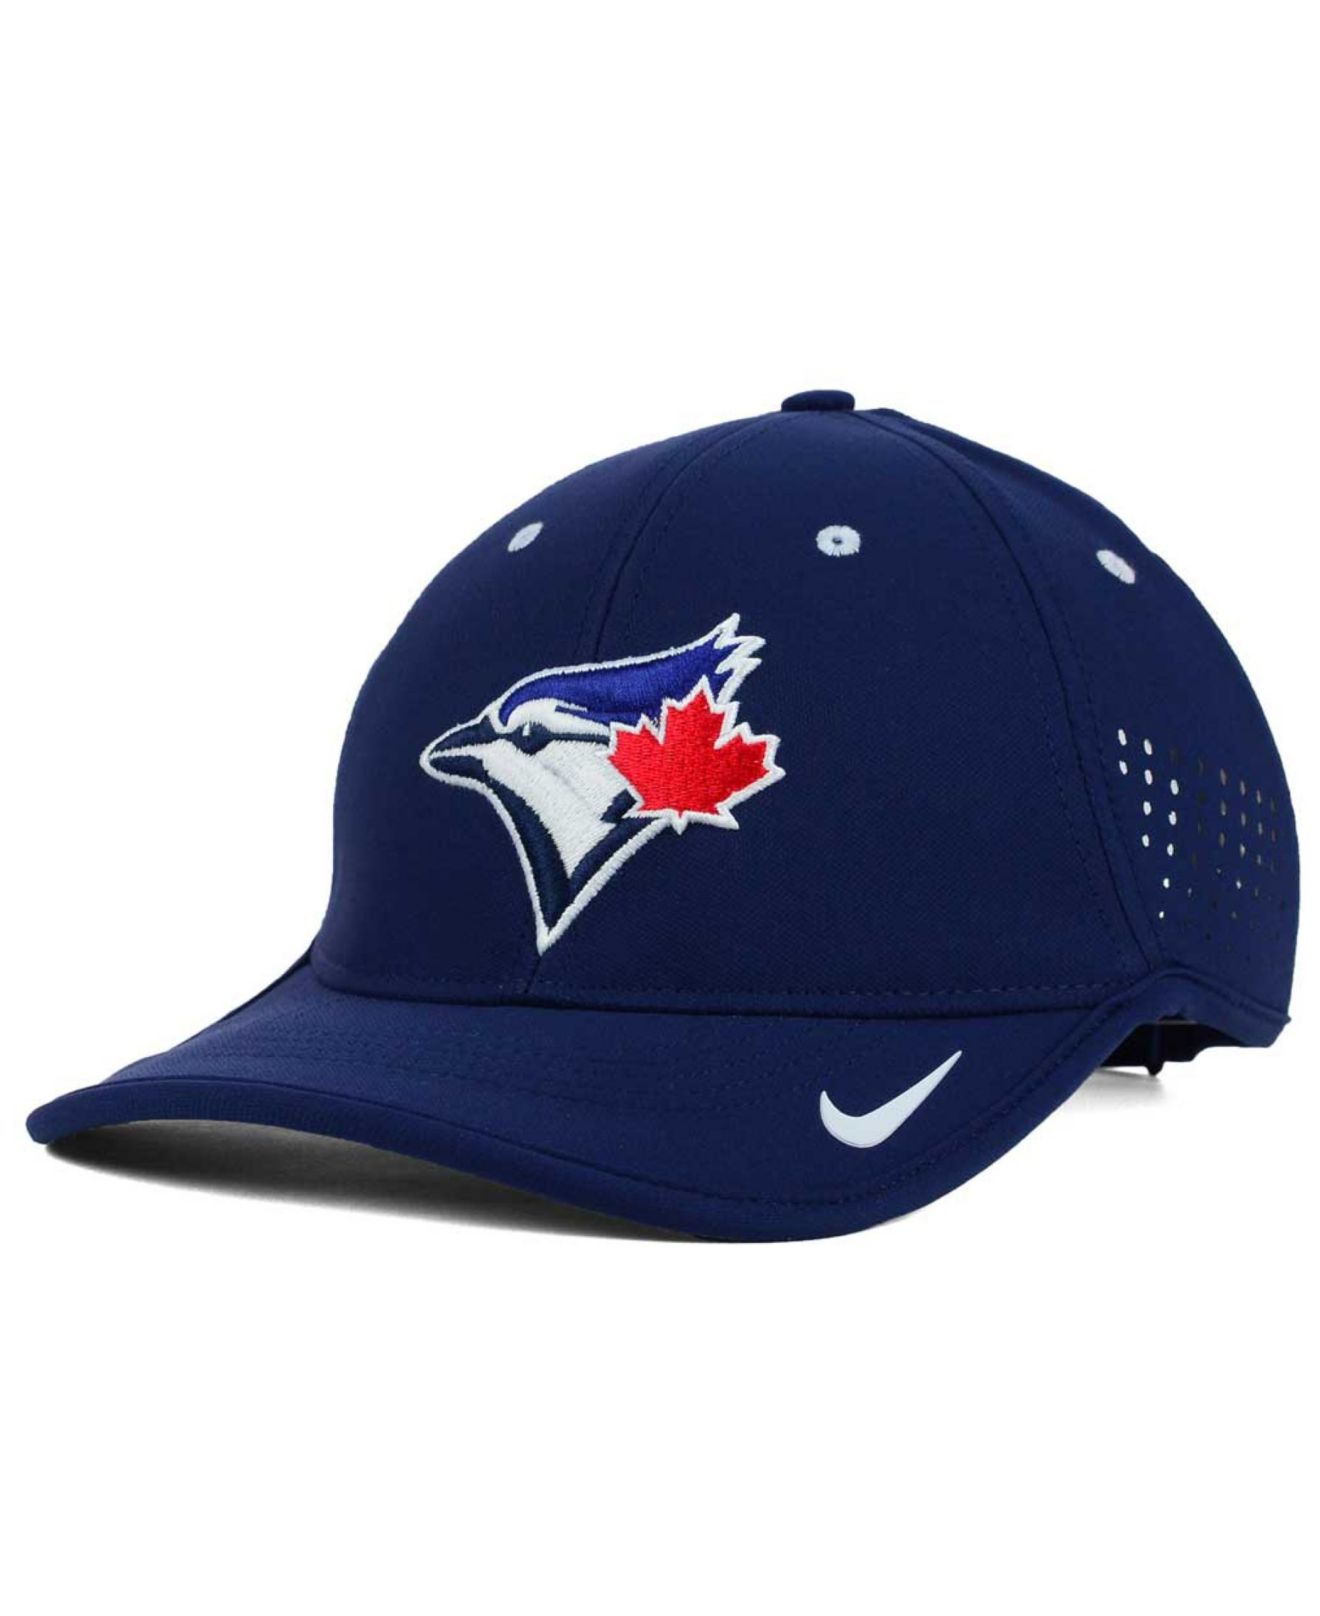 af76204f025 Lyst - Nike Toronto Blue Jays Vapor Swoosh Adjustable Cap in Red for Men